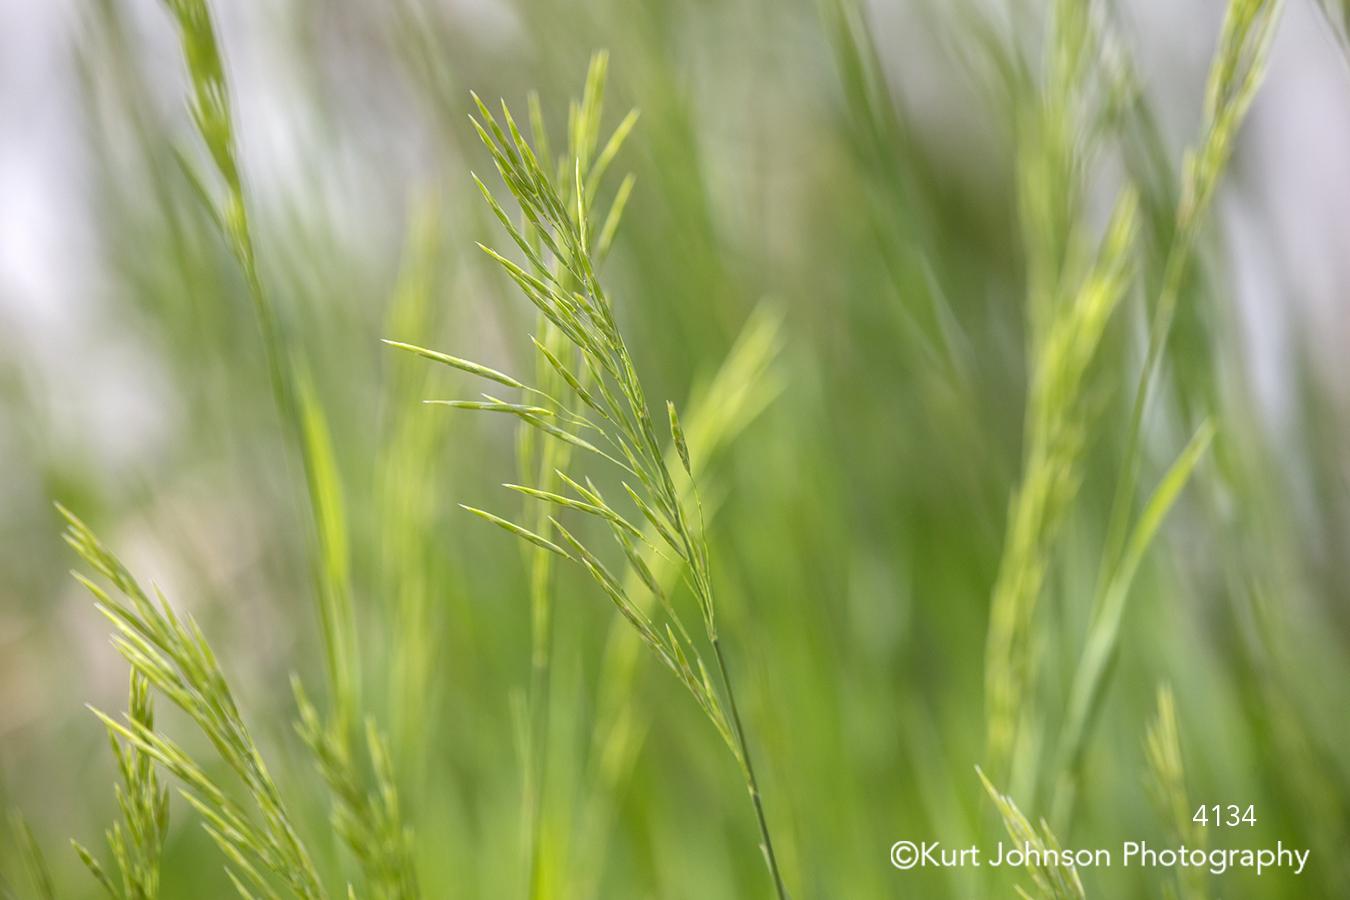 green grass grasses field close up detail